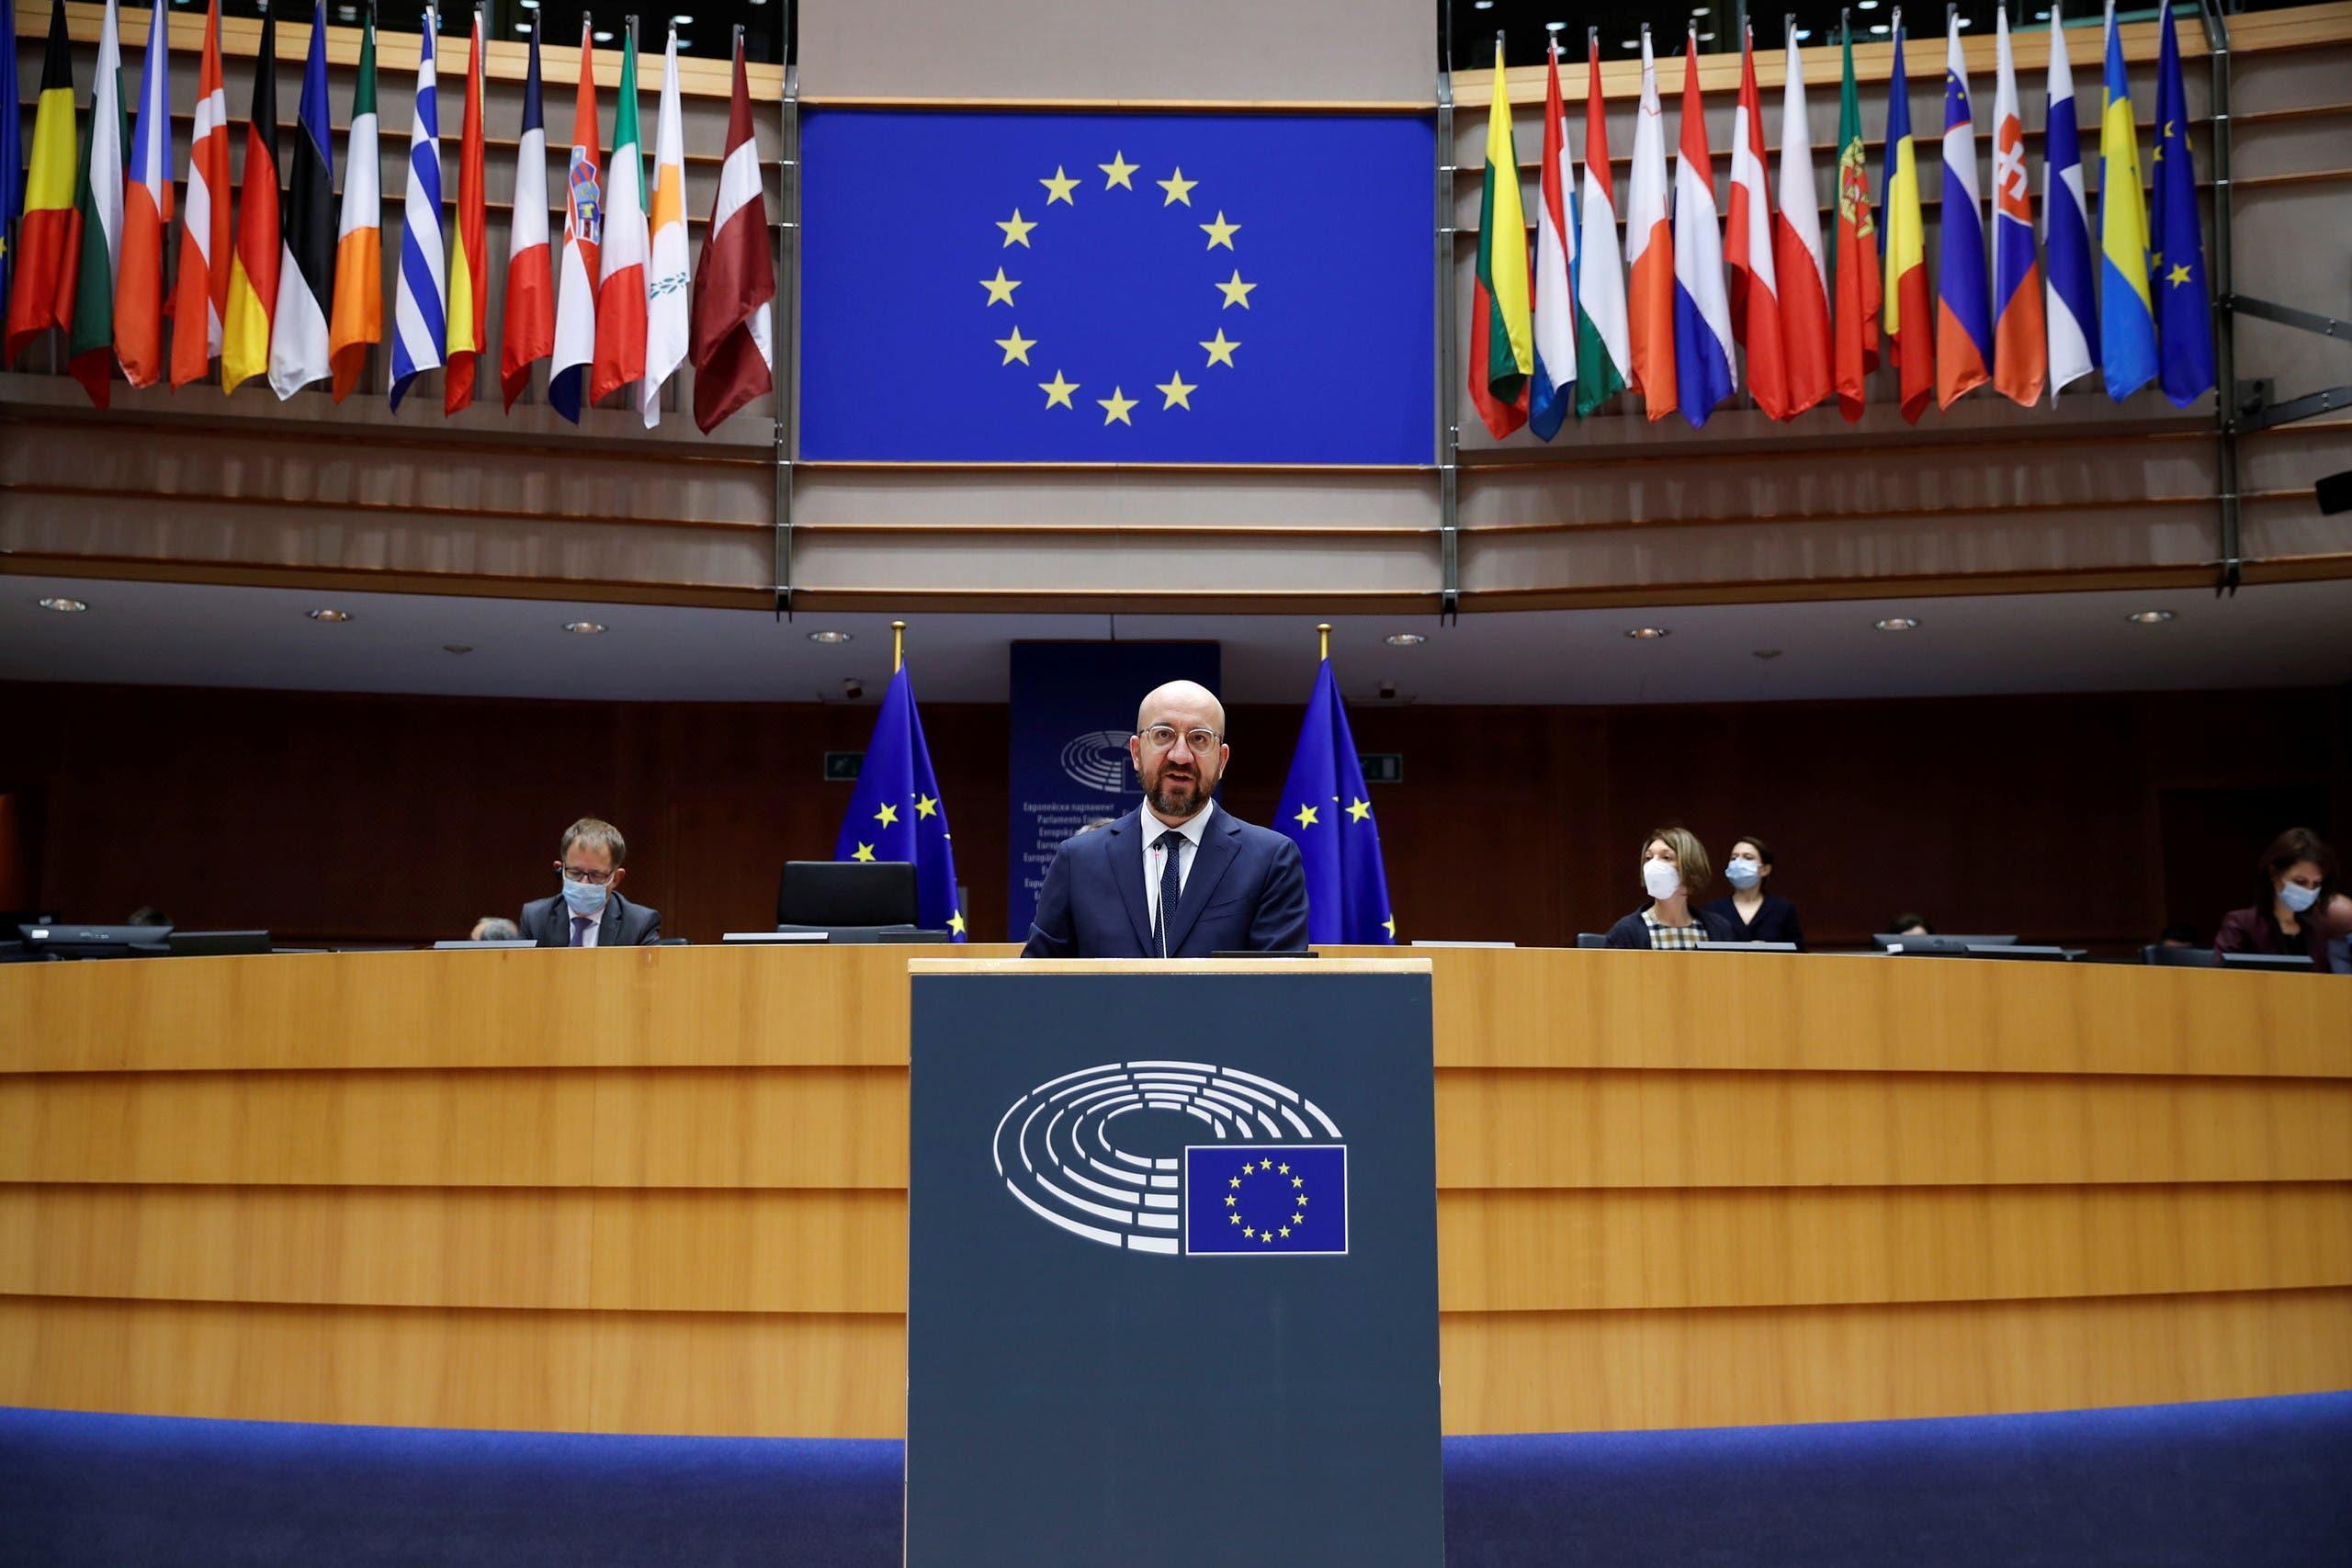 چارلز میشل در پارلمان اروپا سخنرانی می کند